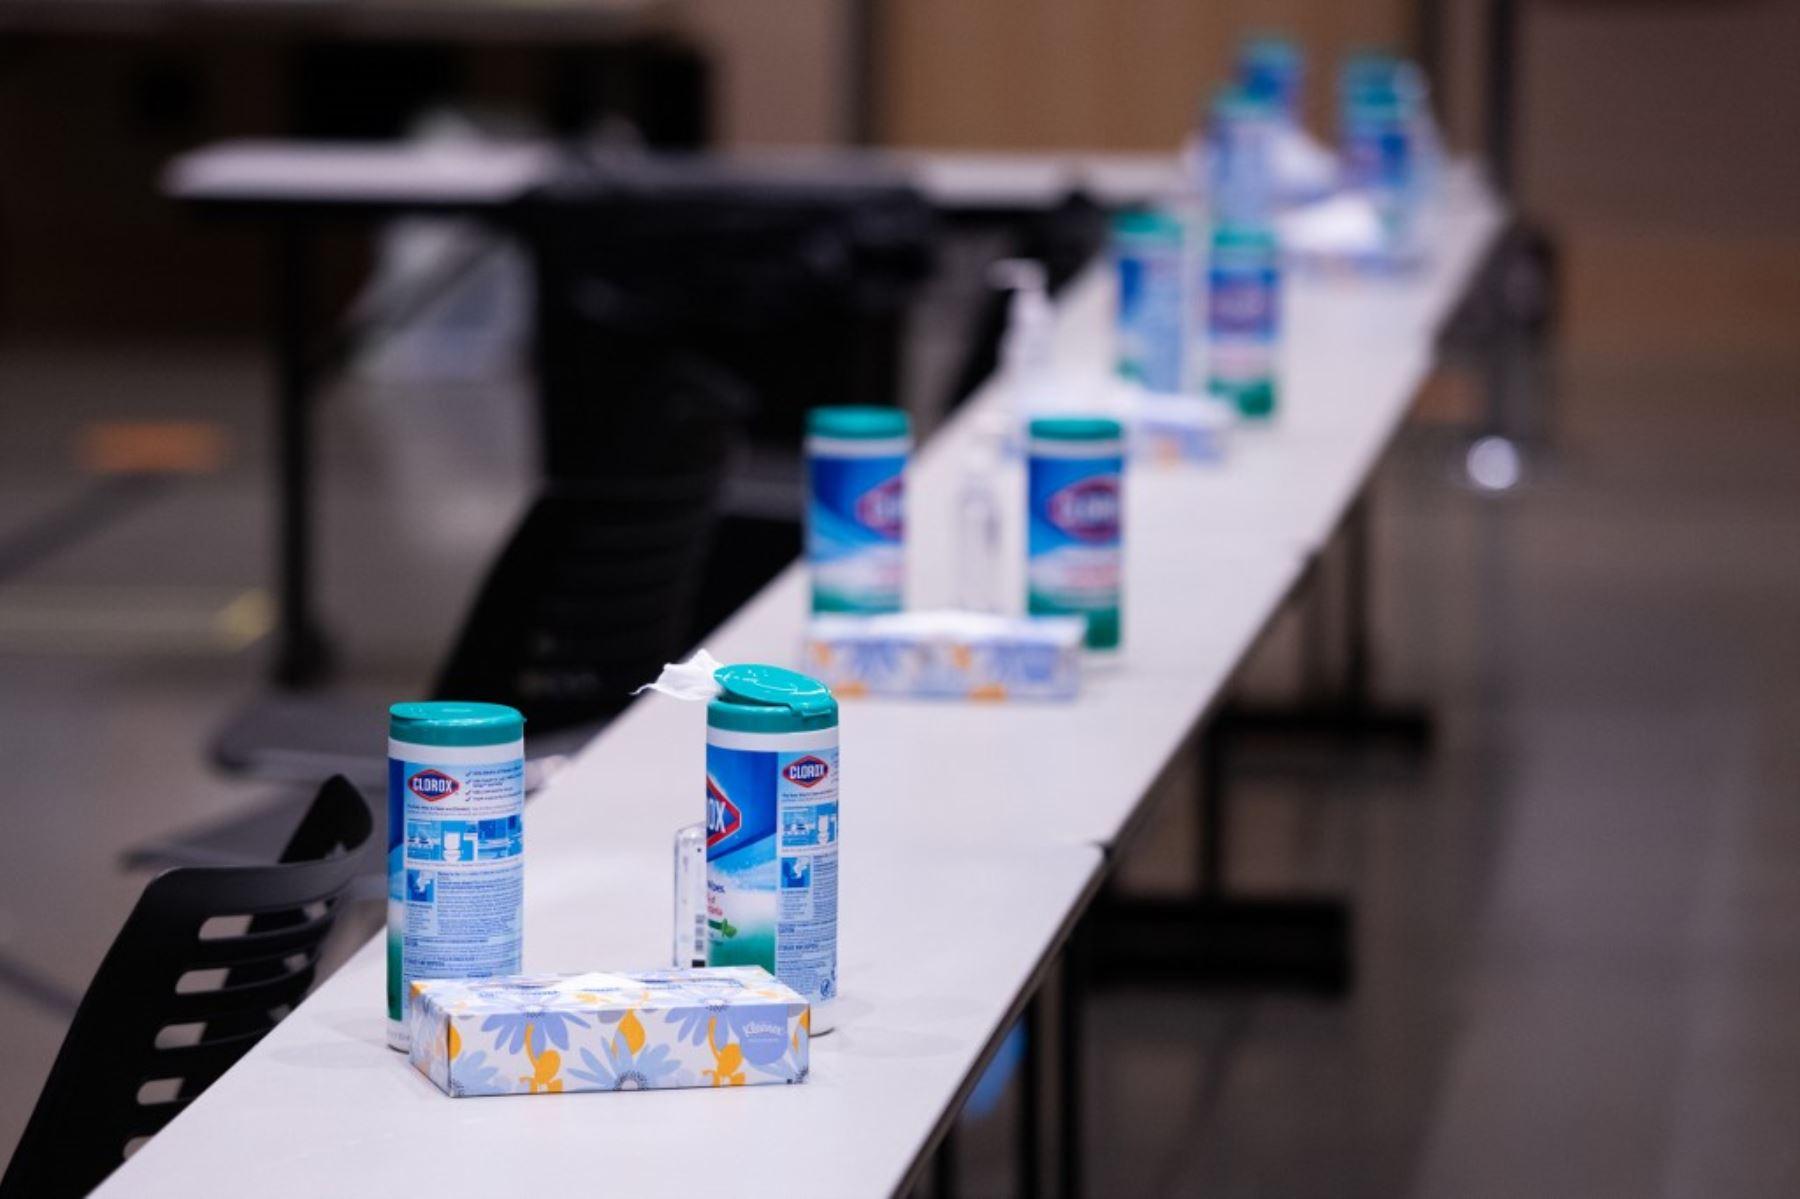 Las grapas de limpieza básicas Covid-19 descansan sobre mesas en el área de observación para pacientes recientemente vacunados con la vacuna Pfizer en el Amazon Meeting Center en el centro de Seattle, Washington. Foto: AFP